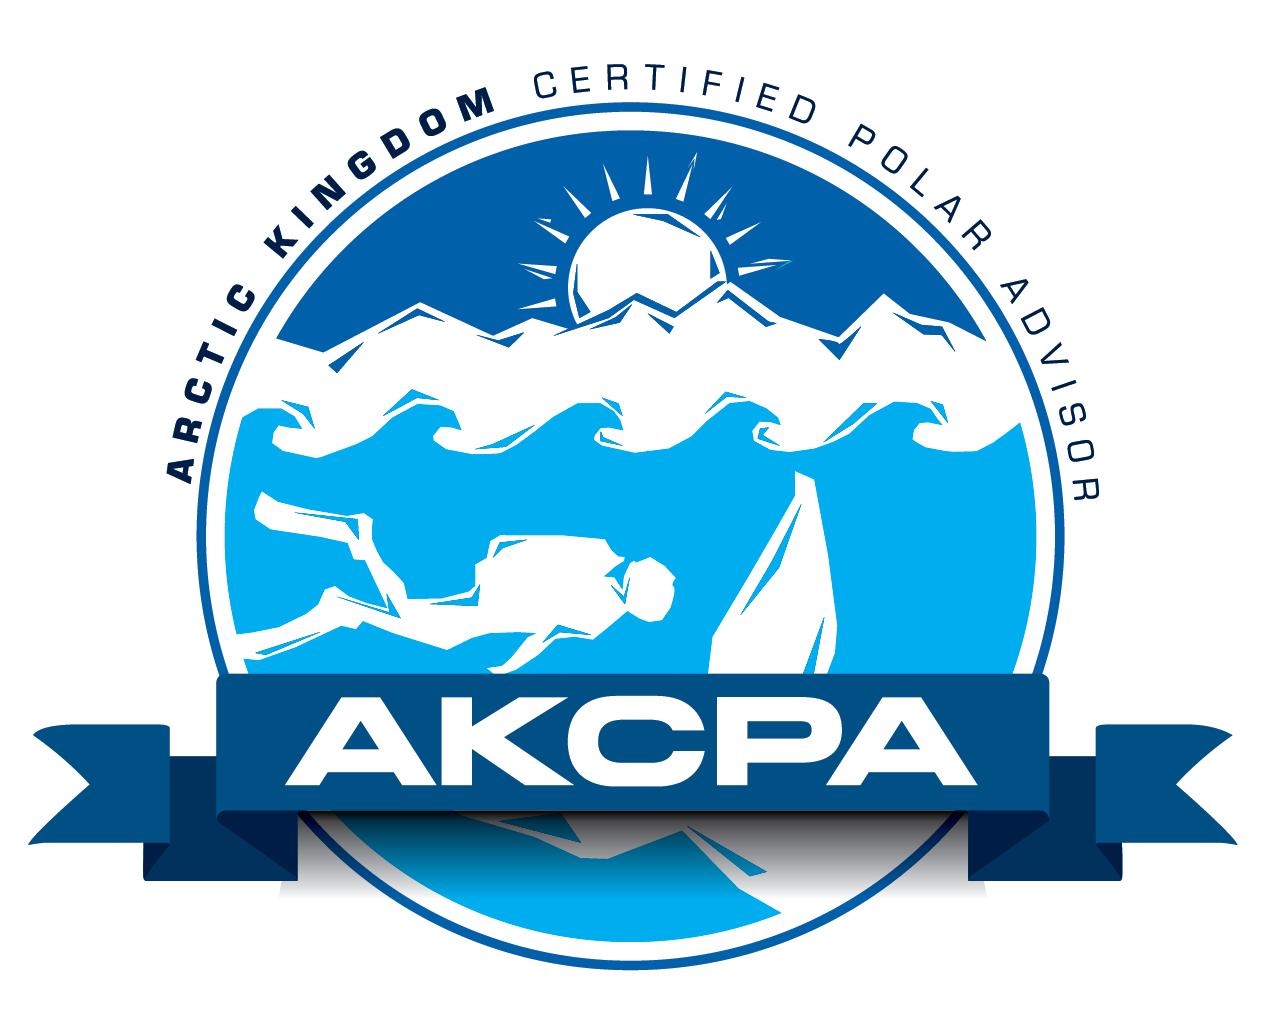 akcpa.png